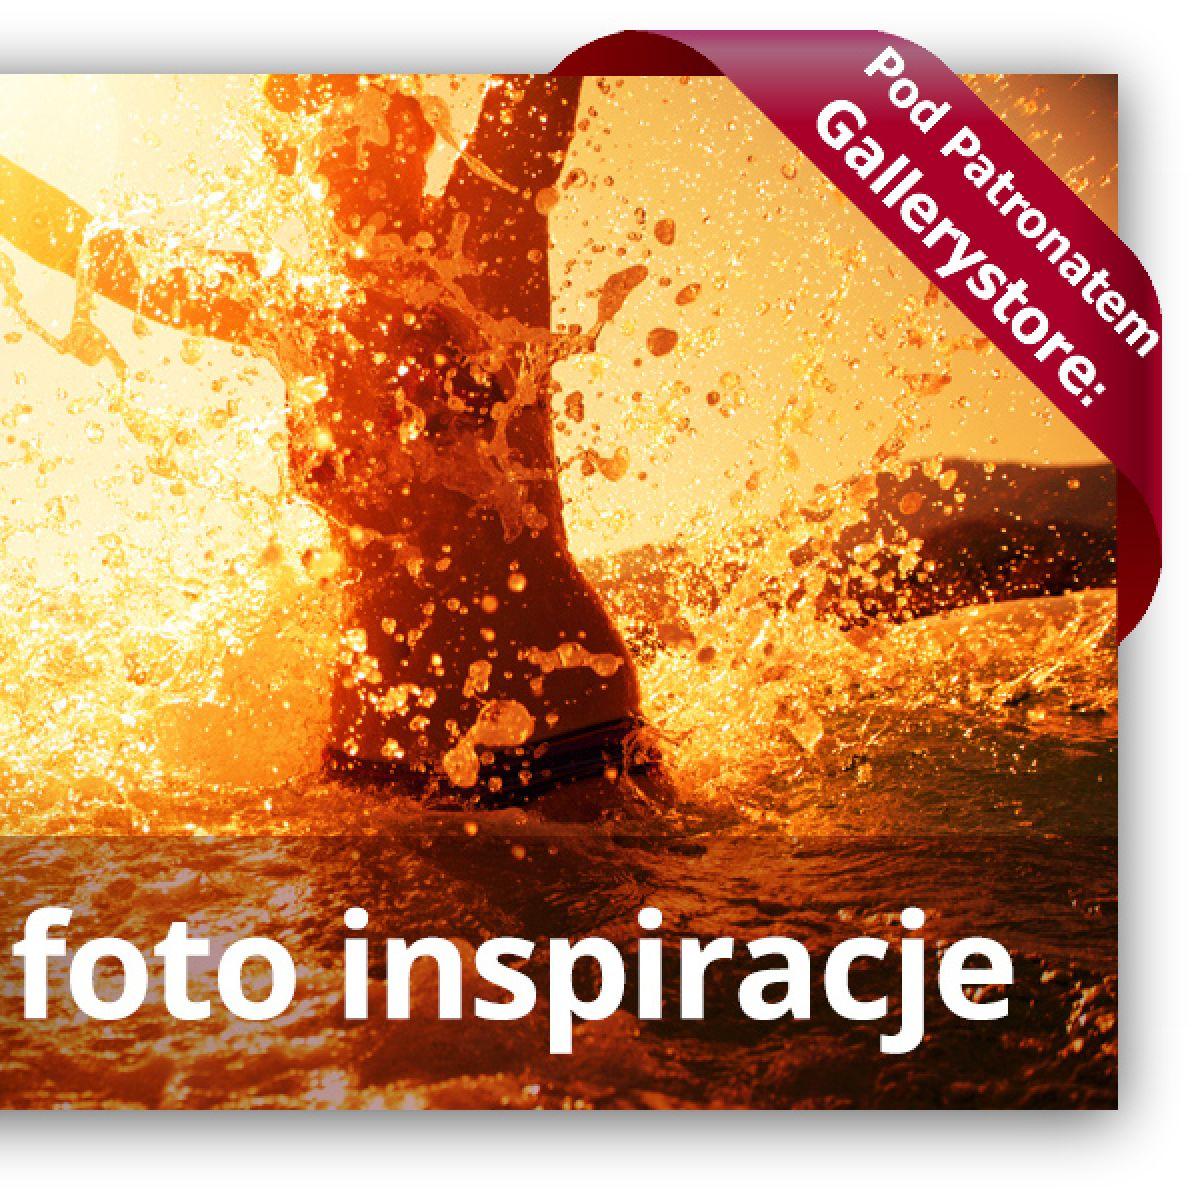 Pod patronatem Gallerystore: Konkurs Canon&Komputronik: Foto inspiracje - EDYCJA LETNIA - Lato w kadrze